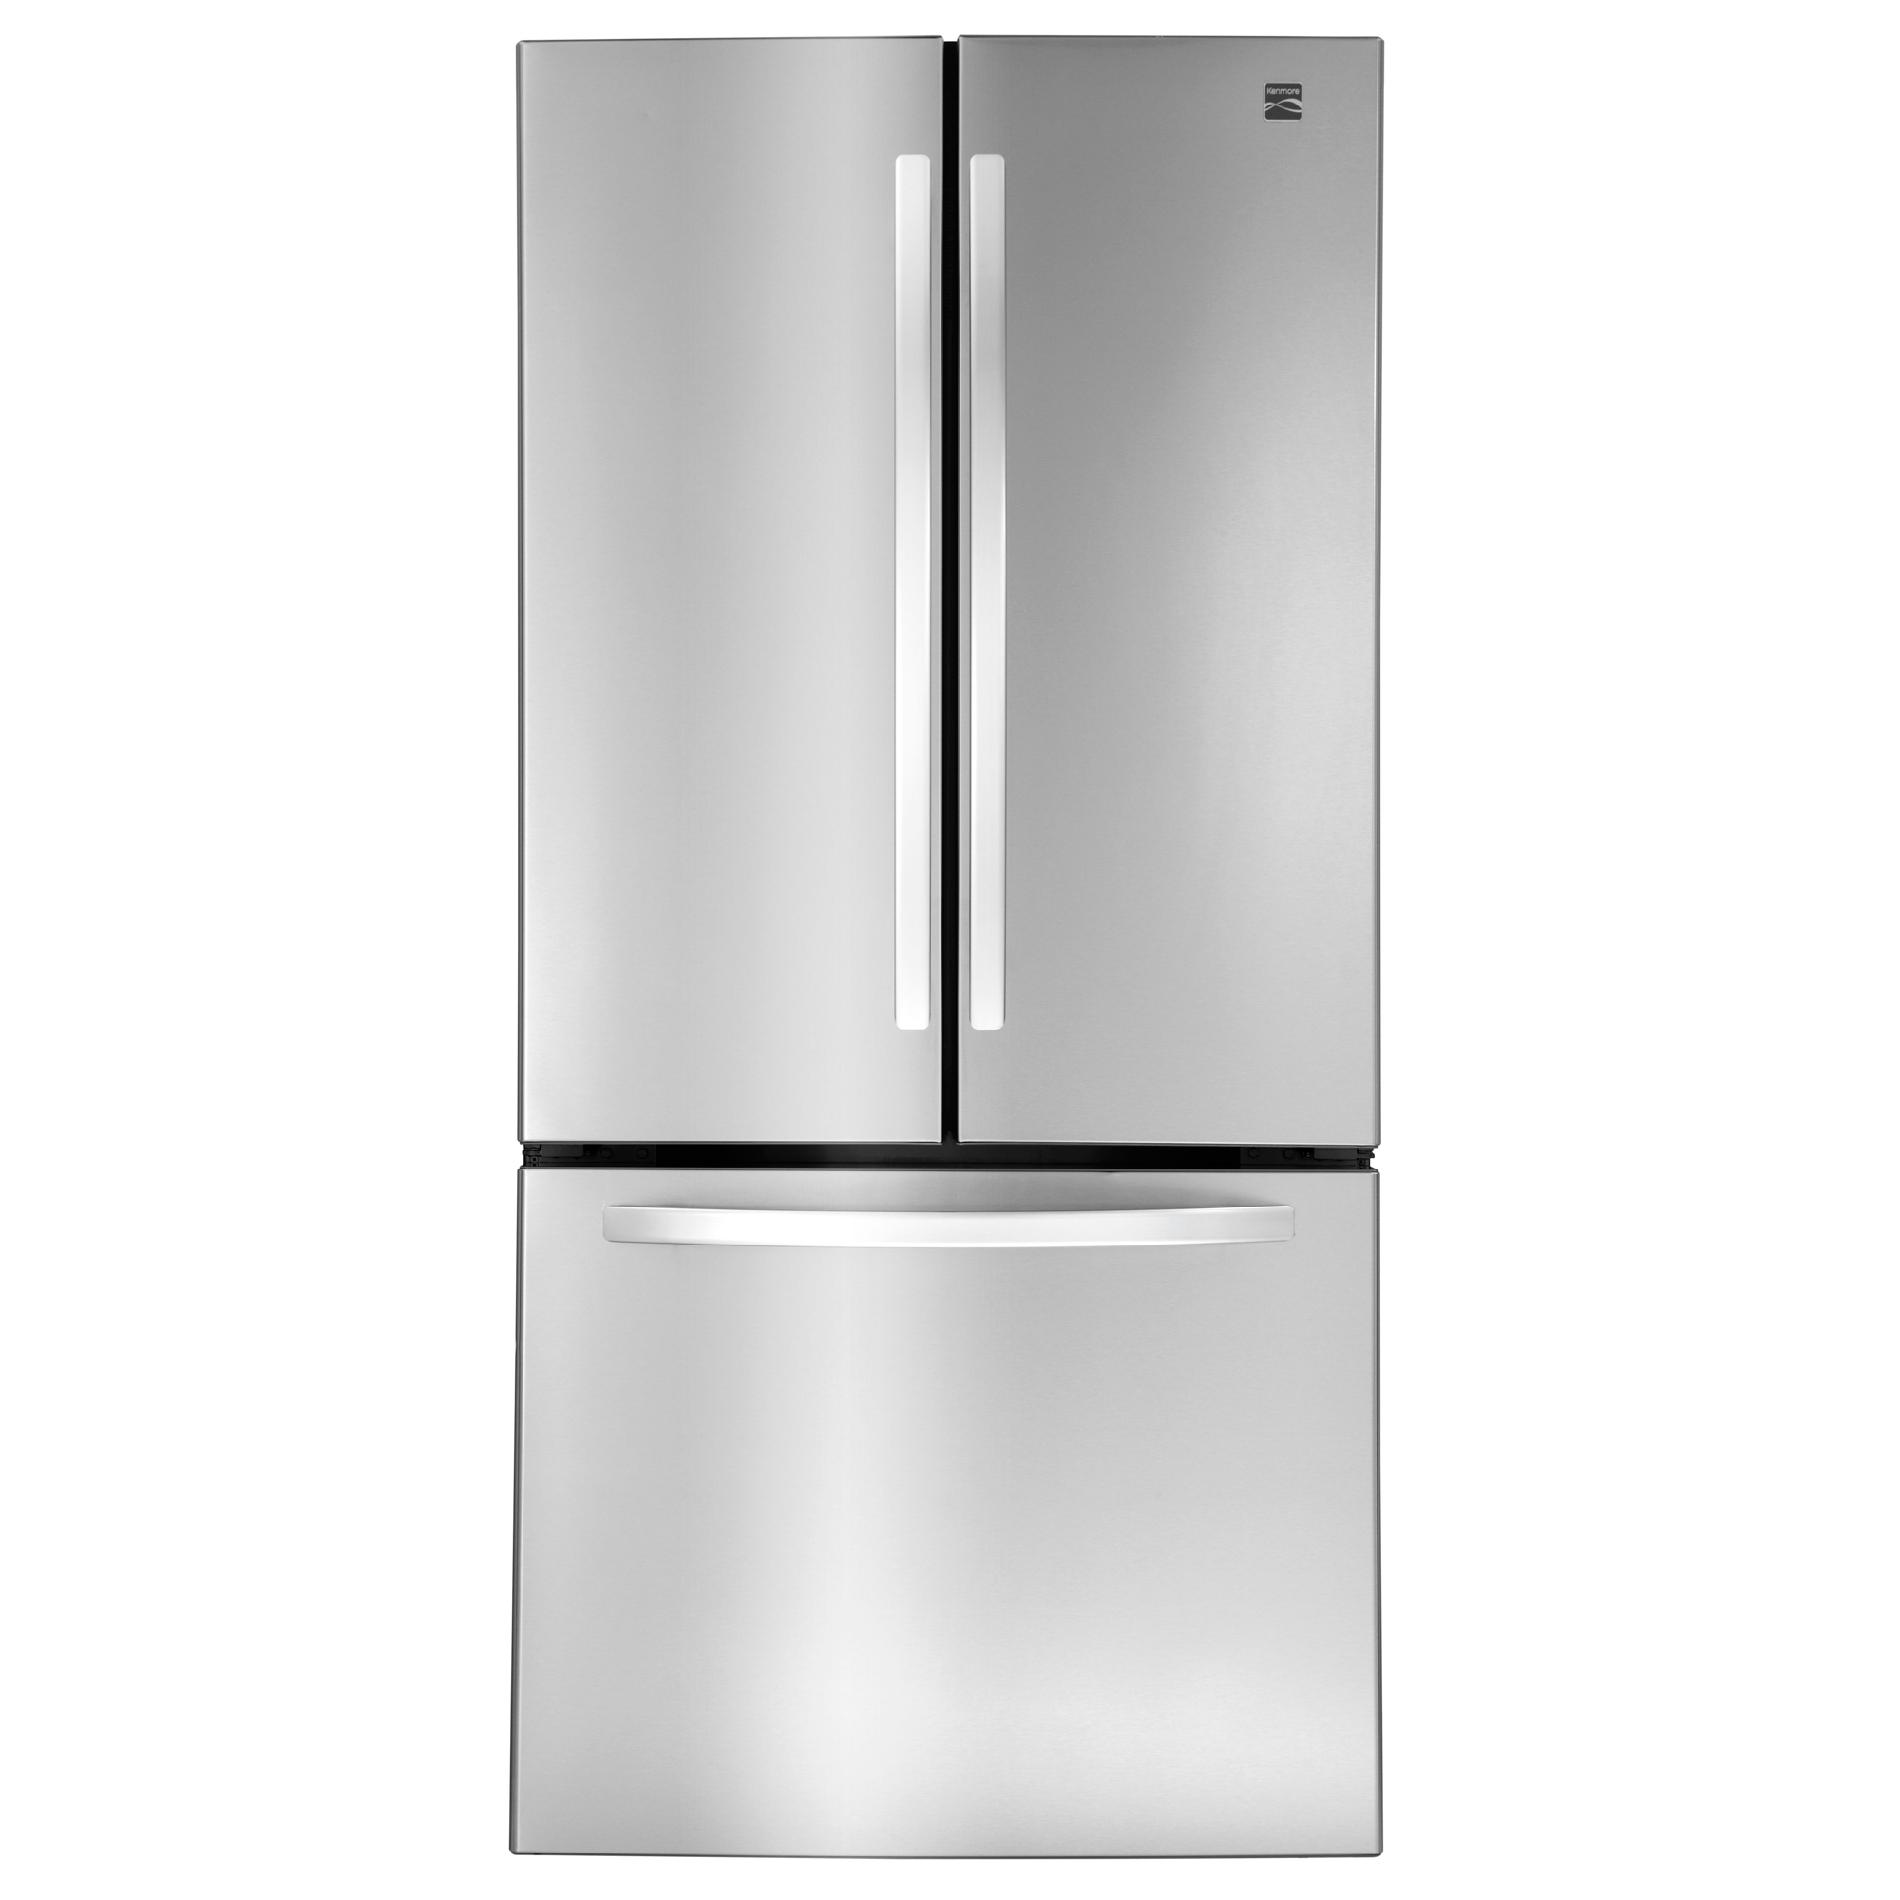 Kenmore Elite 25 0 Cu Ft French Door Bottom Freezer Refrigerator Stainless Steel